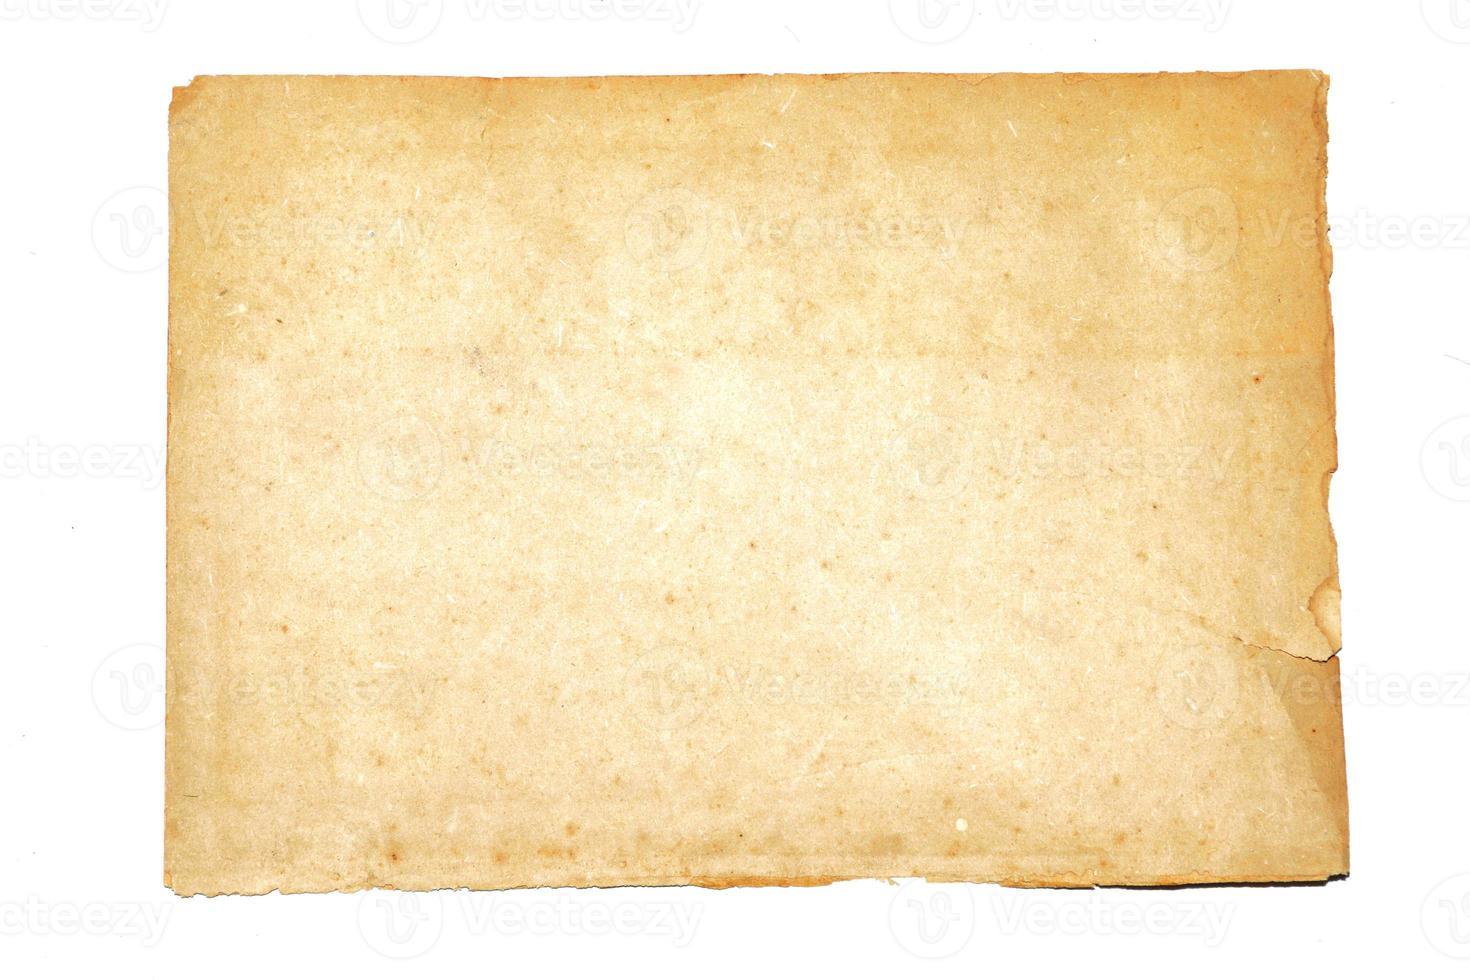 Notizpapierisolat auf weißem Hintergrund foto